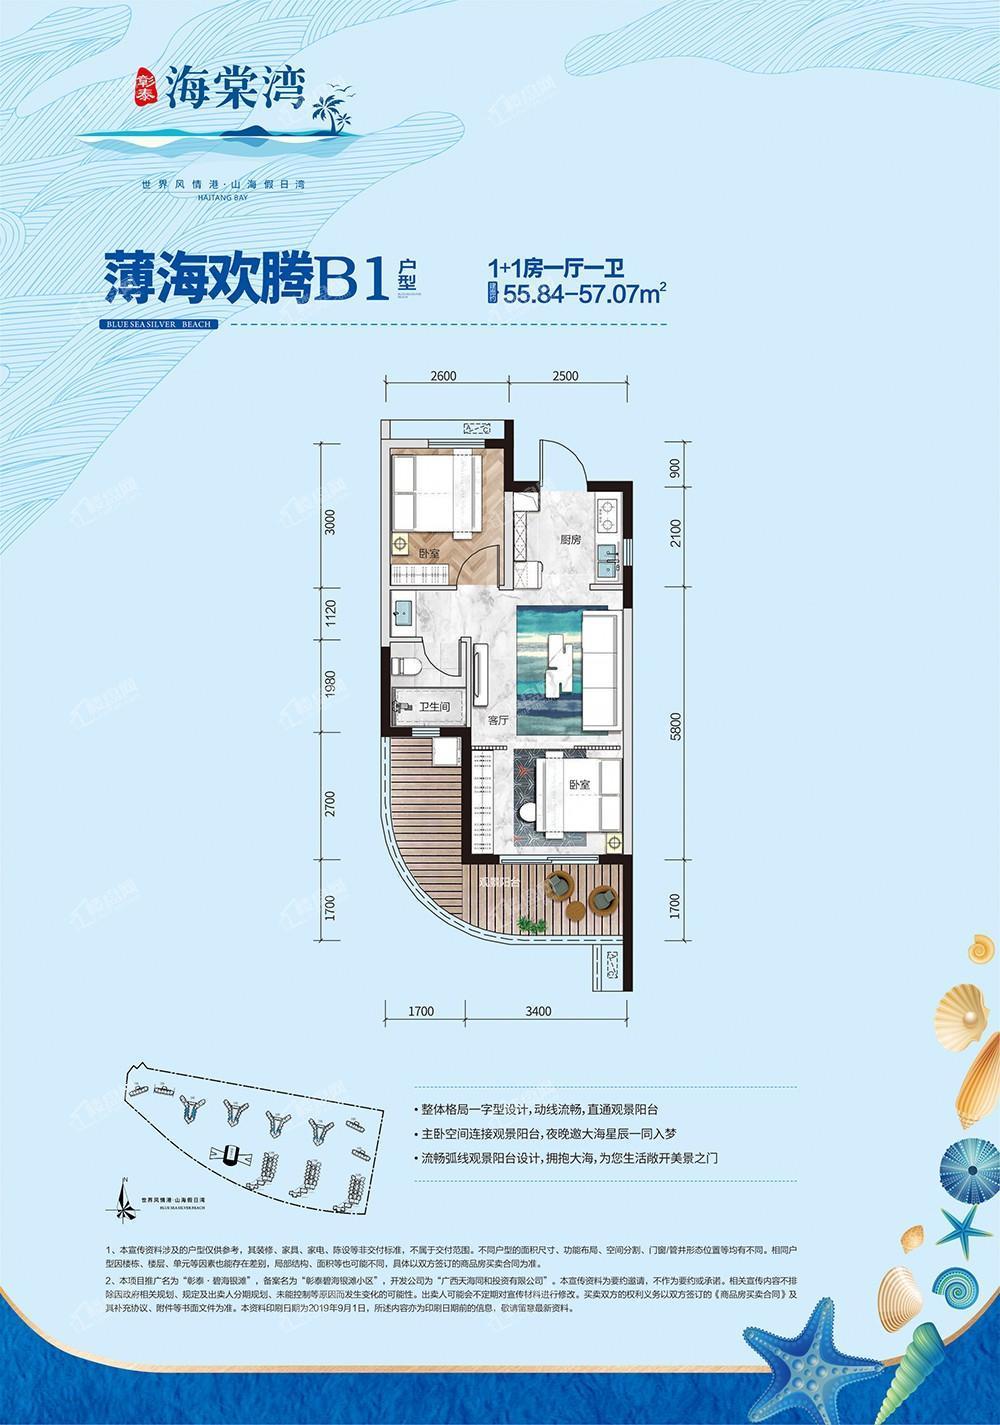 海棠湾B1户型 55.84㎡-57.07㎡1+1房一厅一卫